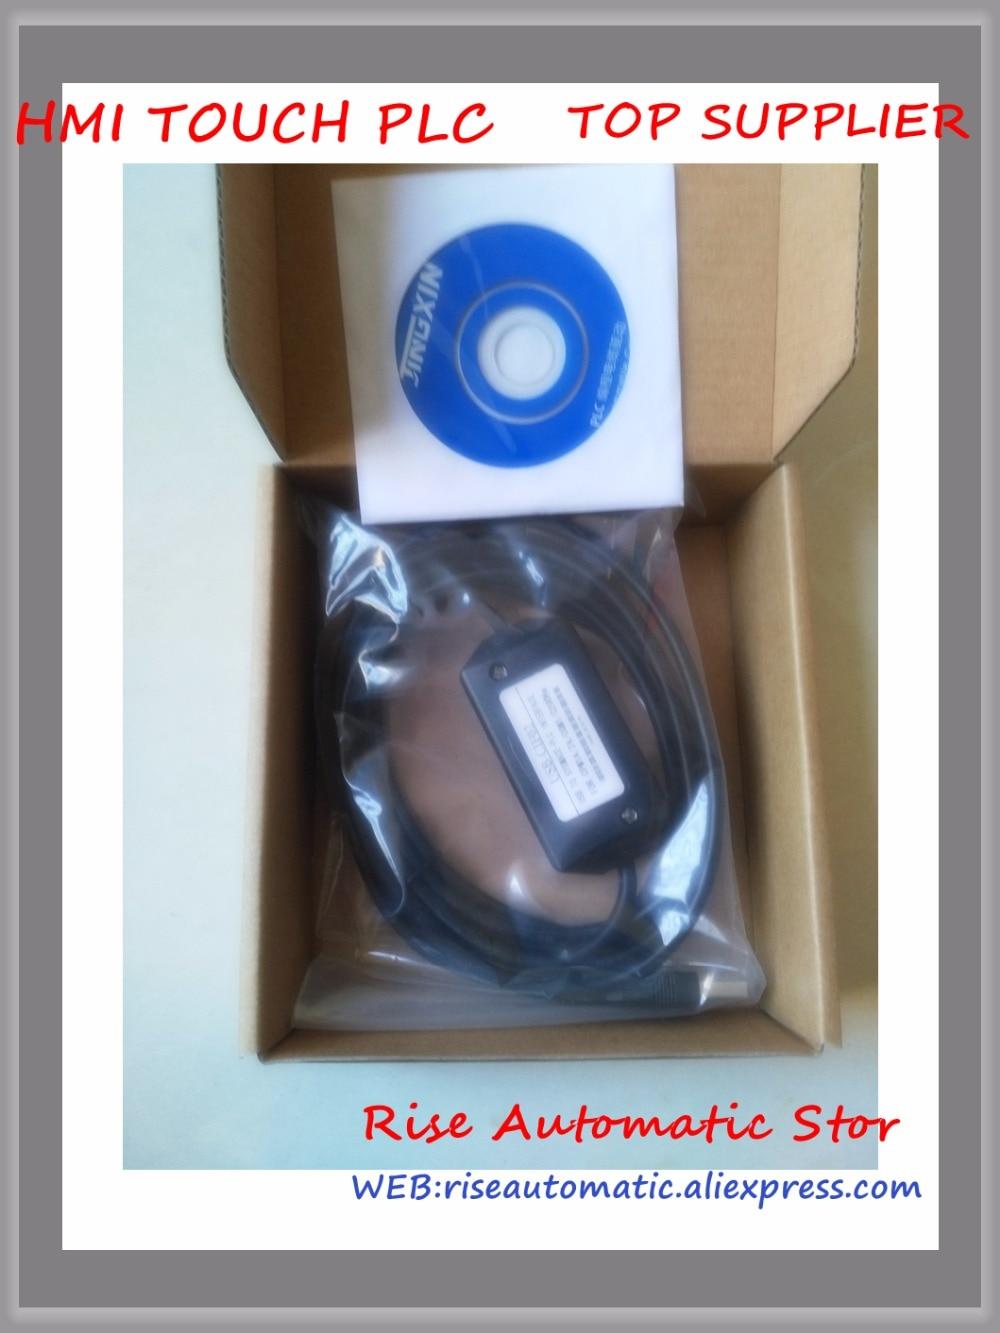 все цены на USB-CIF02 PLC Cable USBCIF02 for CPM1/CPM1A/2A/CQM1/C200HS/C200HX/HG/HE and SRM1 PLC USB CIF02 USB/CIF02 Support Win7/Win8 онлайн